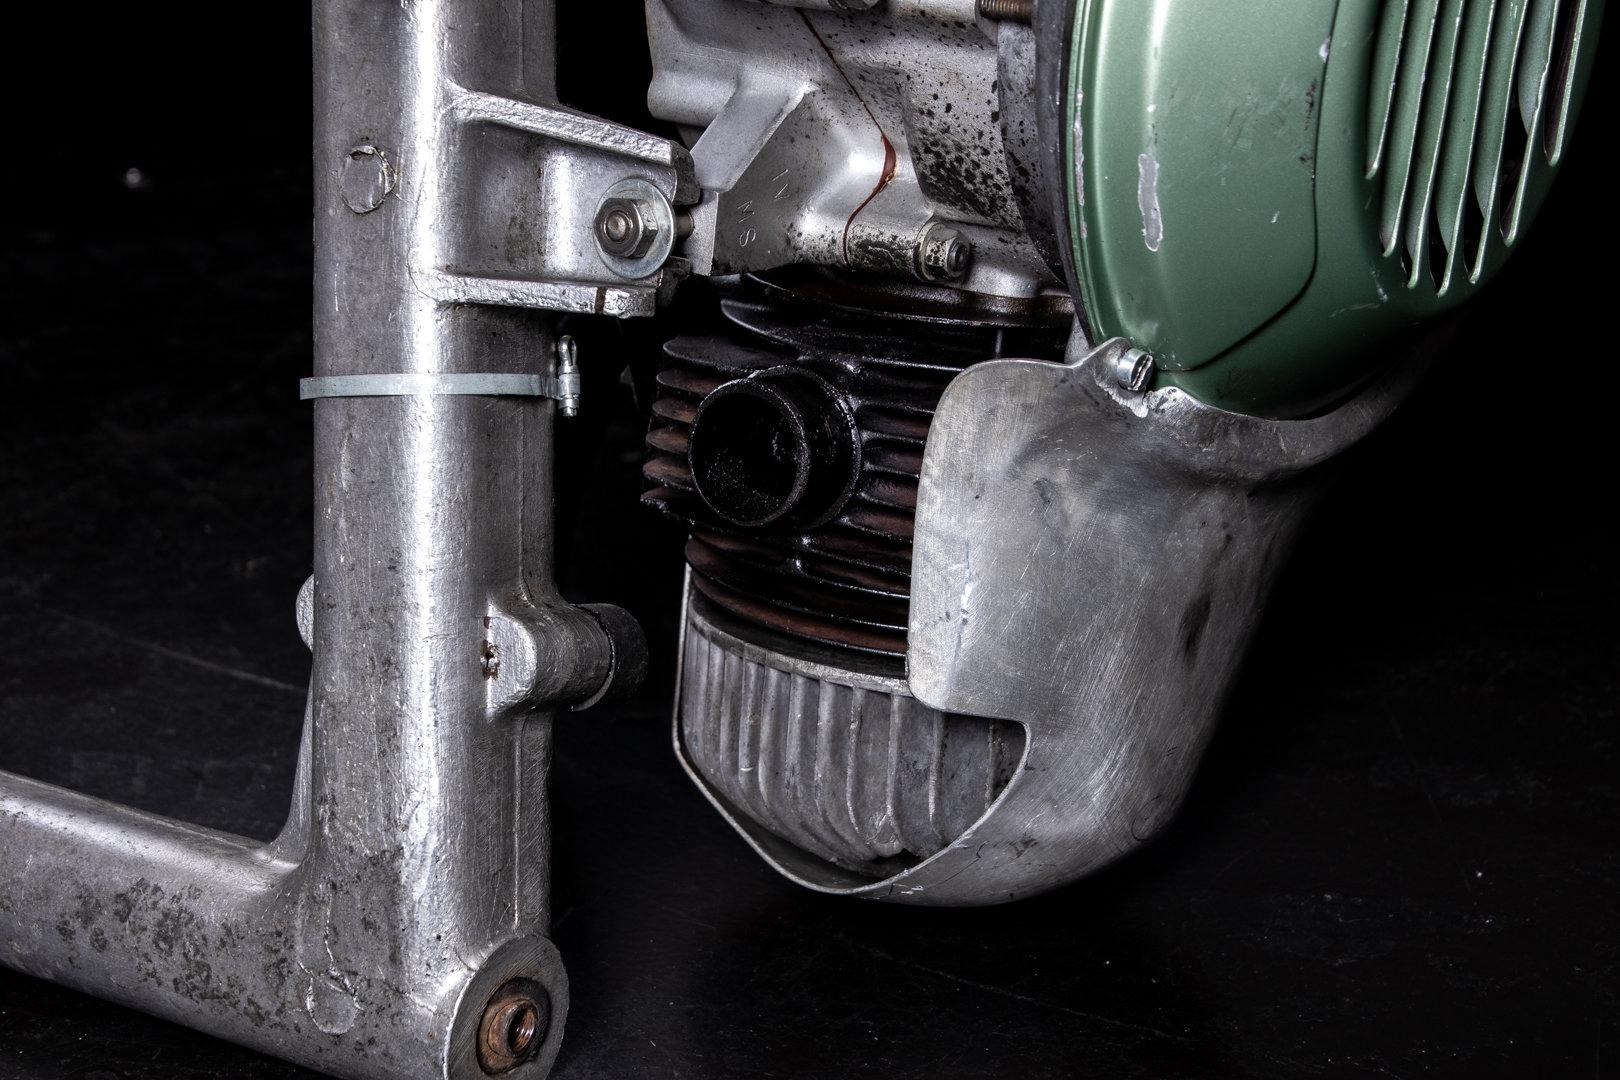 1950 Piaggio Vespa Engine For Sale (picture 8 of 8)